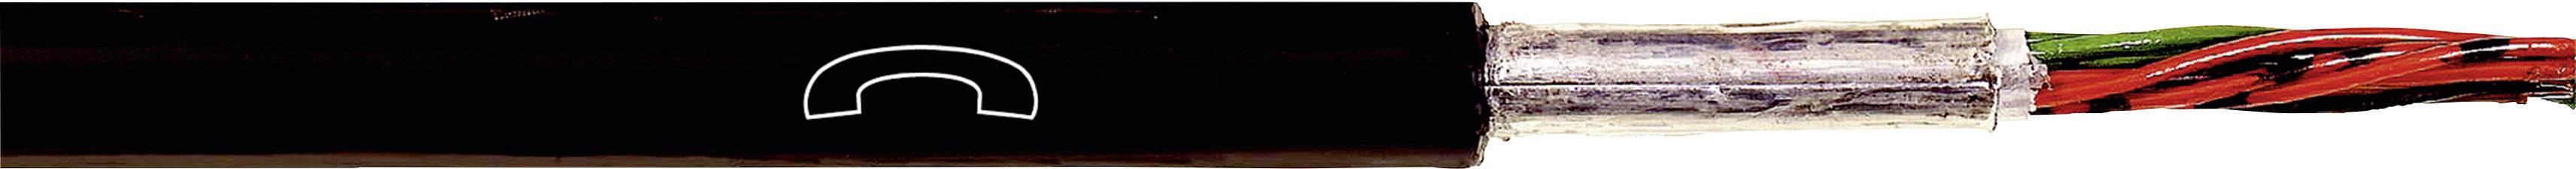 Kabel LappKabel A-2Y(L)2Y...ST III BD 6X2X0,6 (1591052), 11,5 mm, stíněný, černá, 500 m